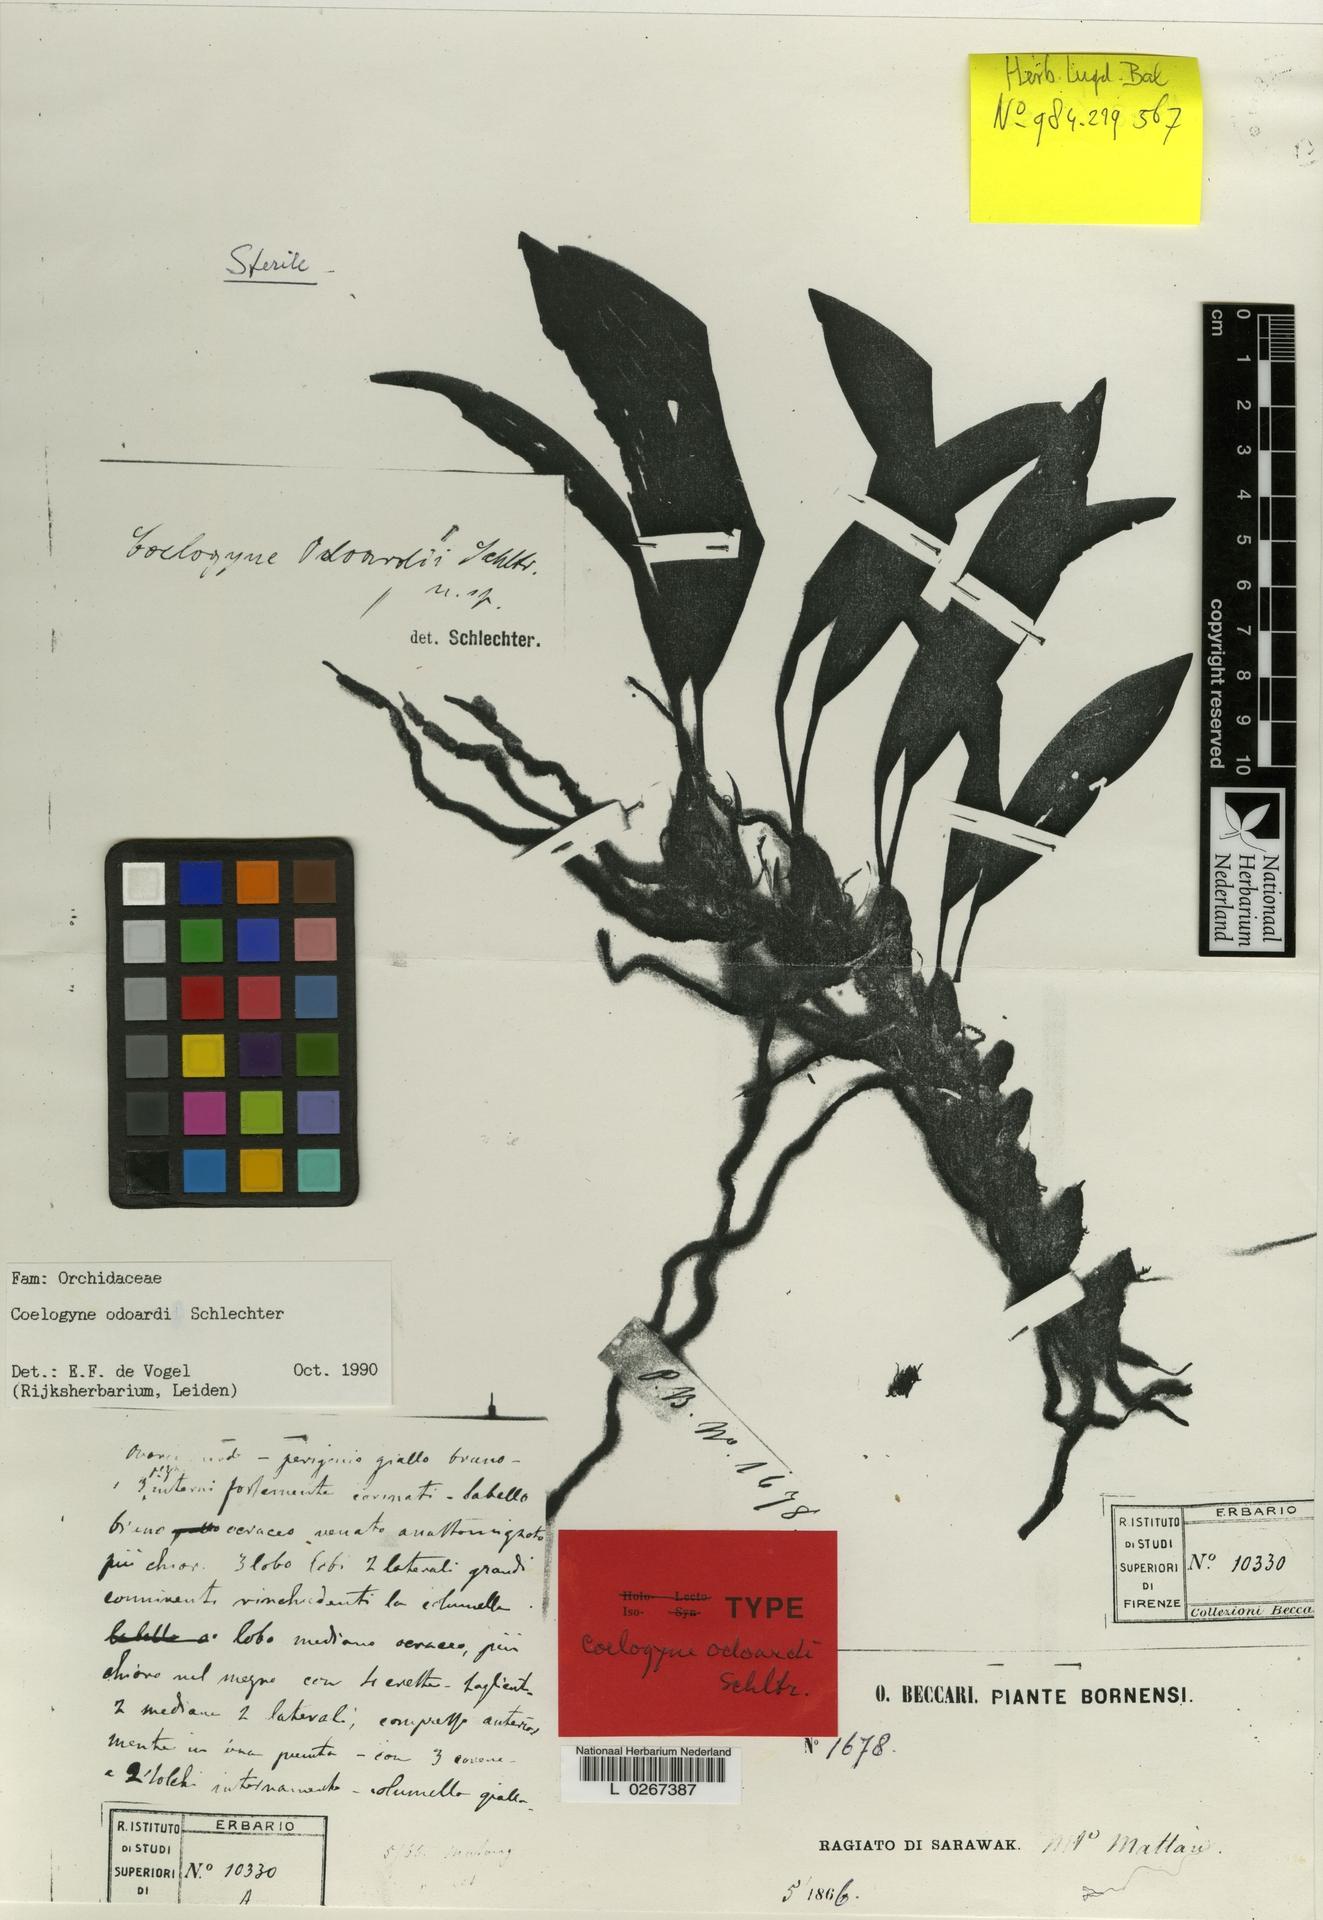 L  0267387 | Coelogyne odoardii Schltr.